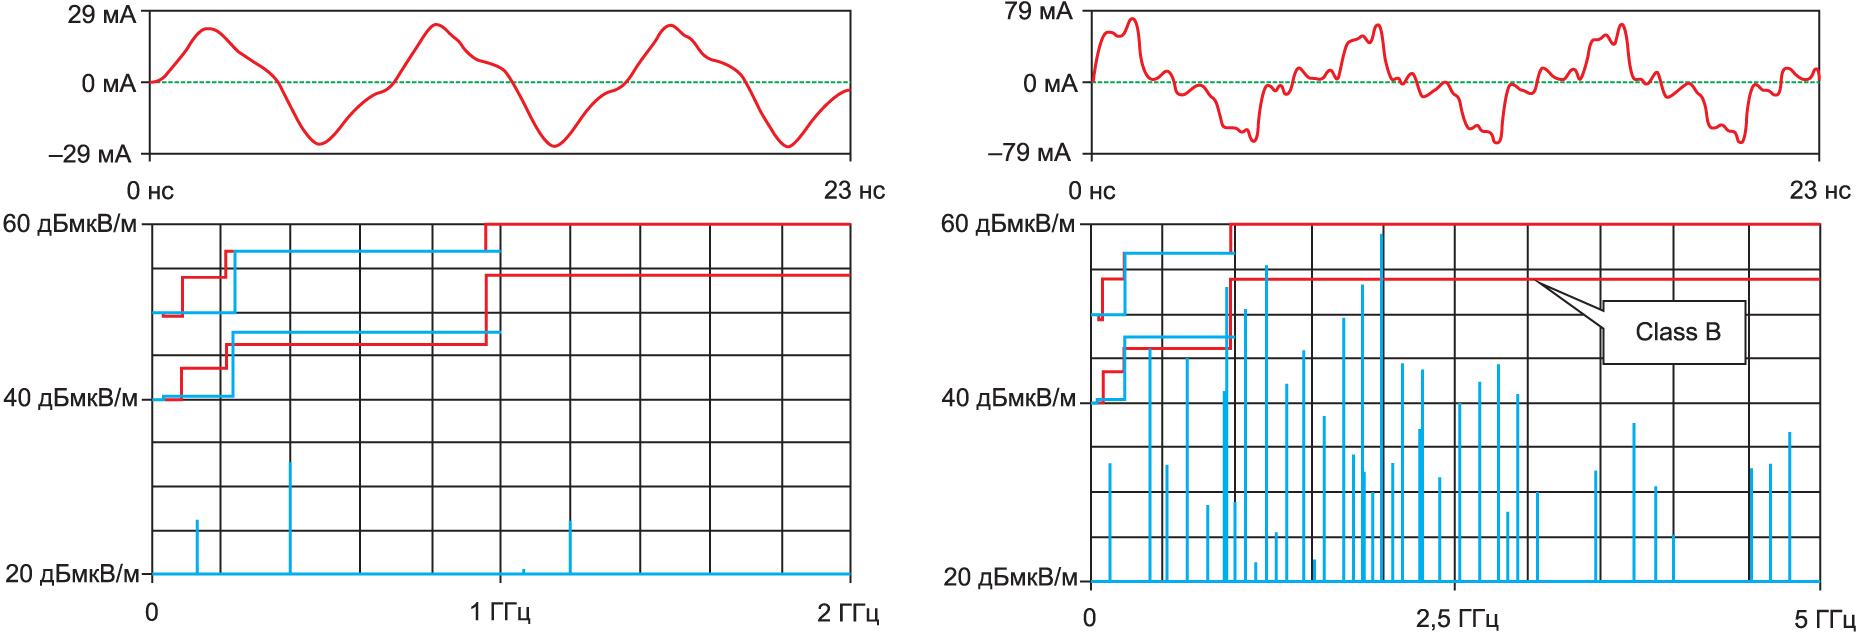 Электромагнитное излучение в частотной области от сигналов со временем нарастания фронтов 10 и 1 нс